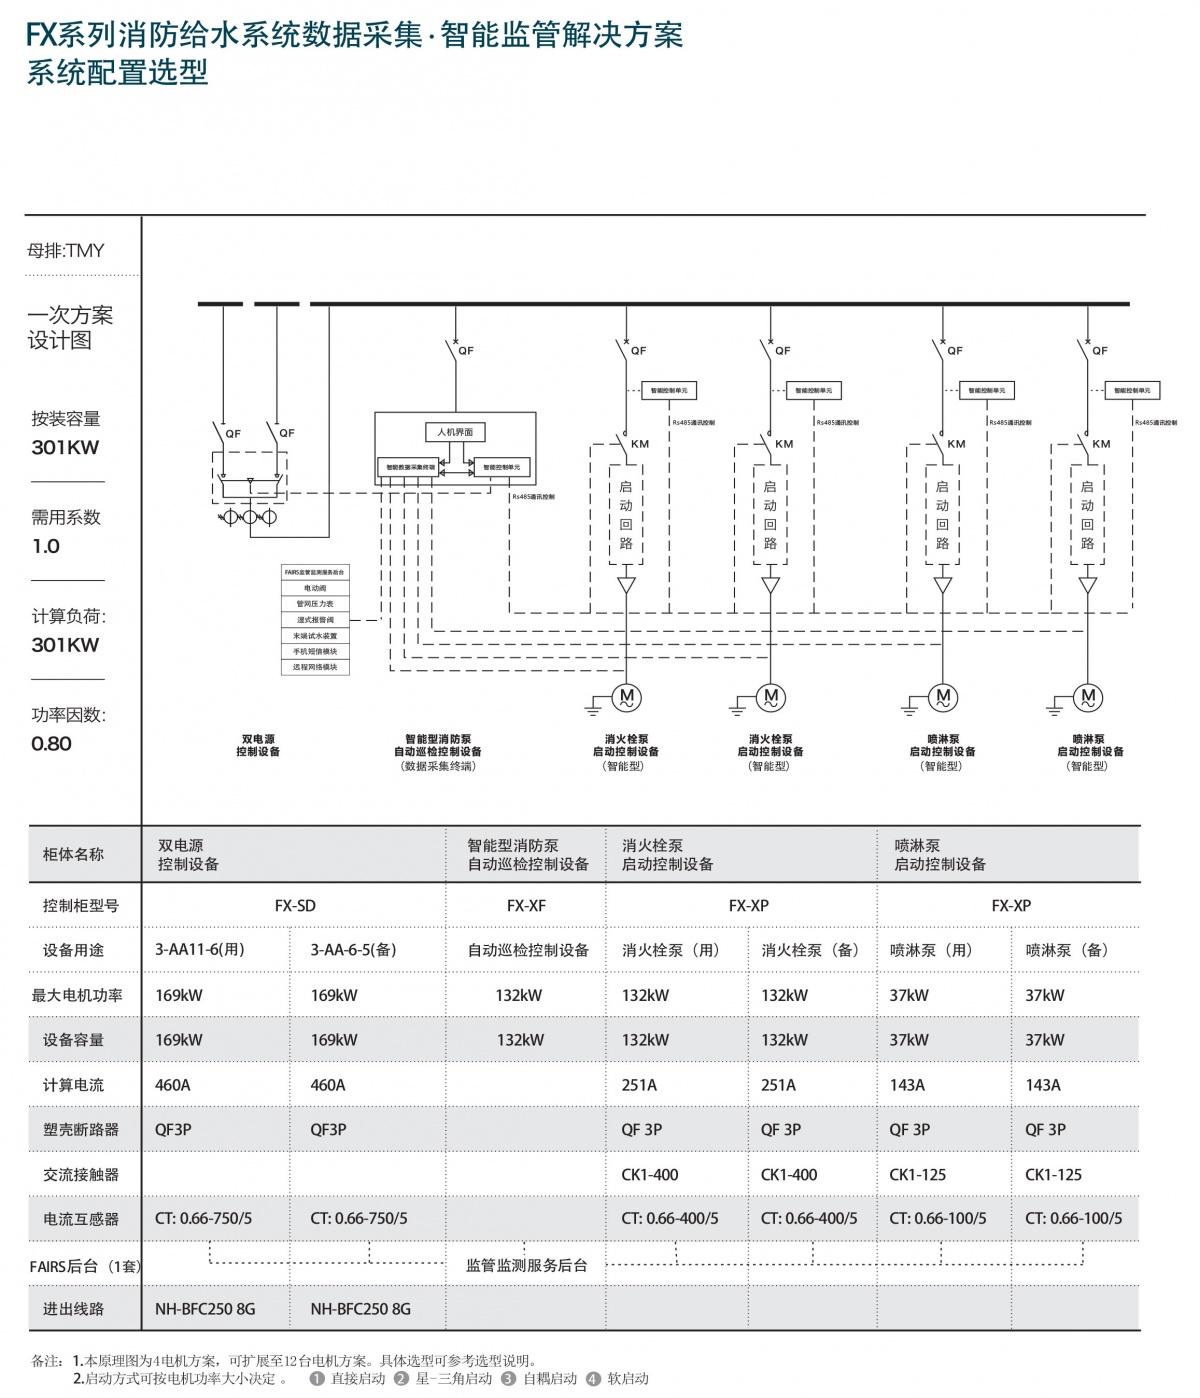 消防给水系统数据采集-智能监管解决方案选型手册(1)(1)-2_06.jpg